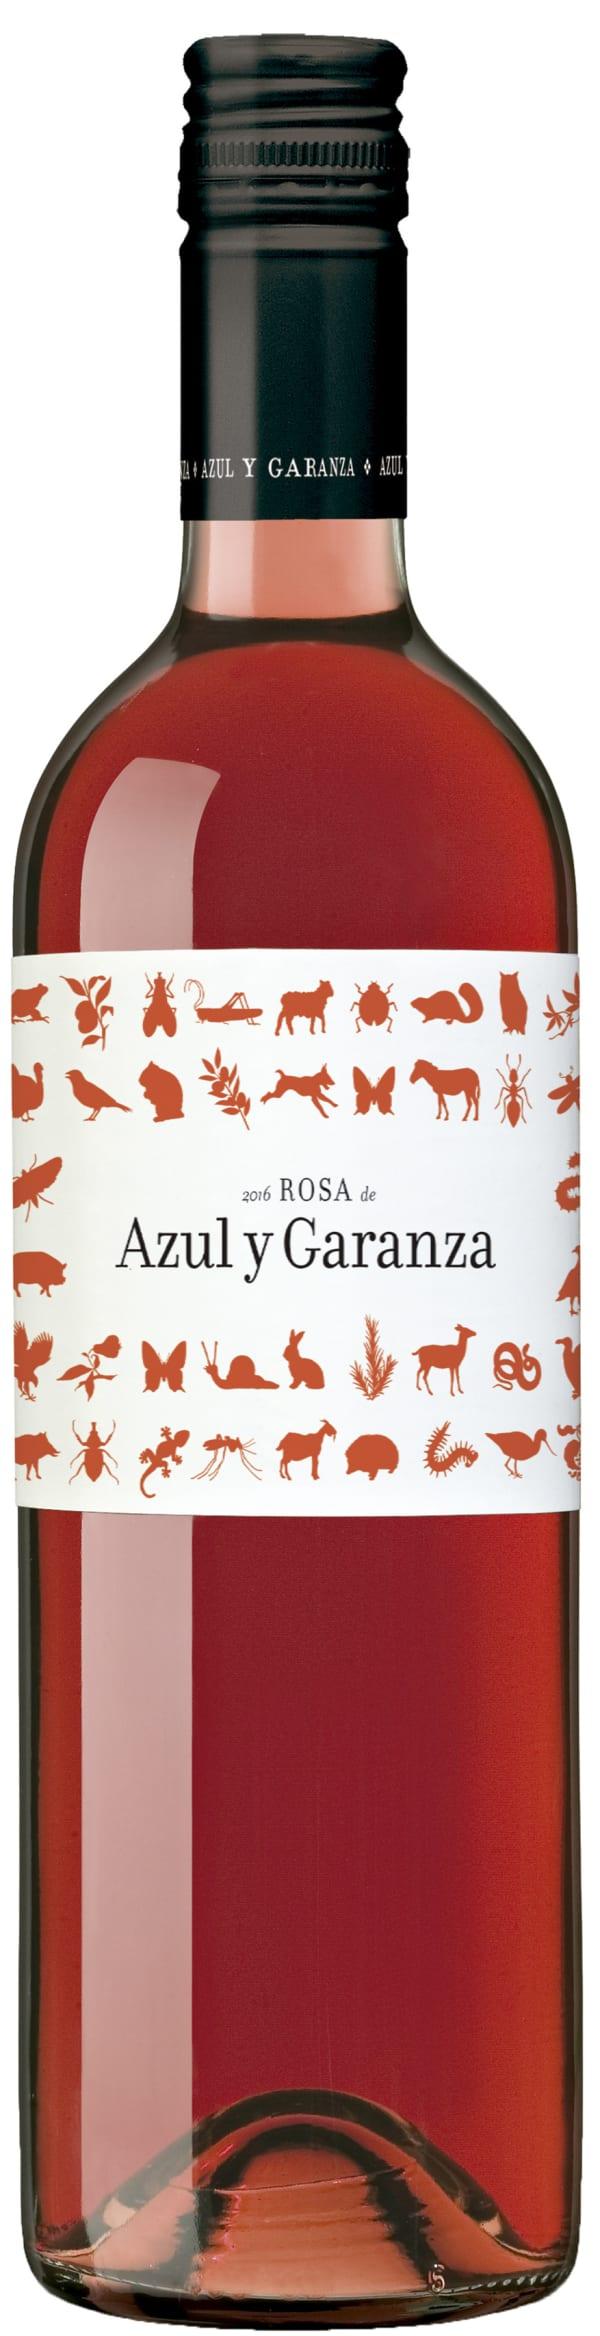 Rosa de Azul y Garanza 2016